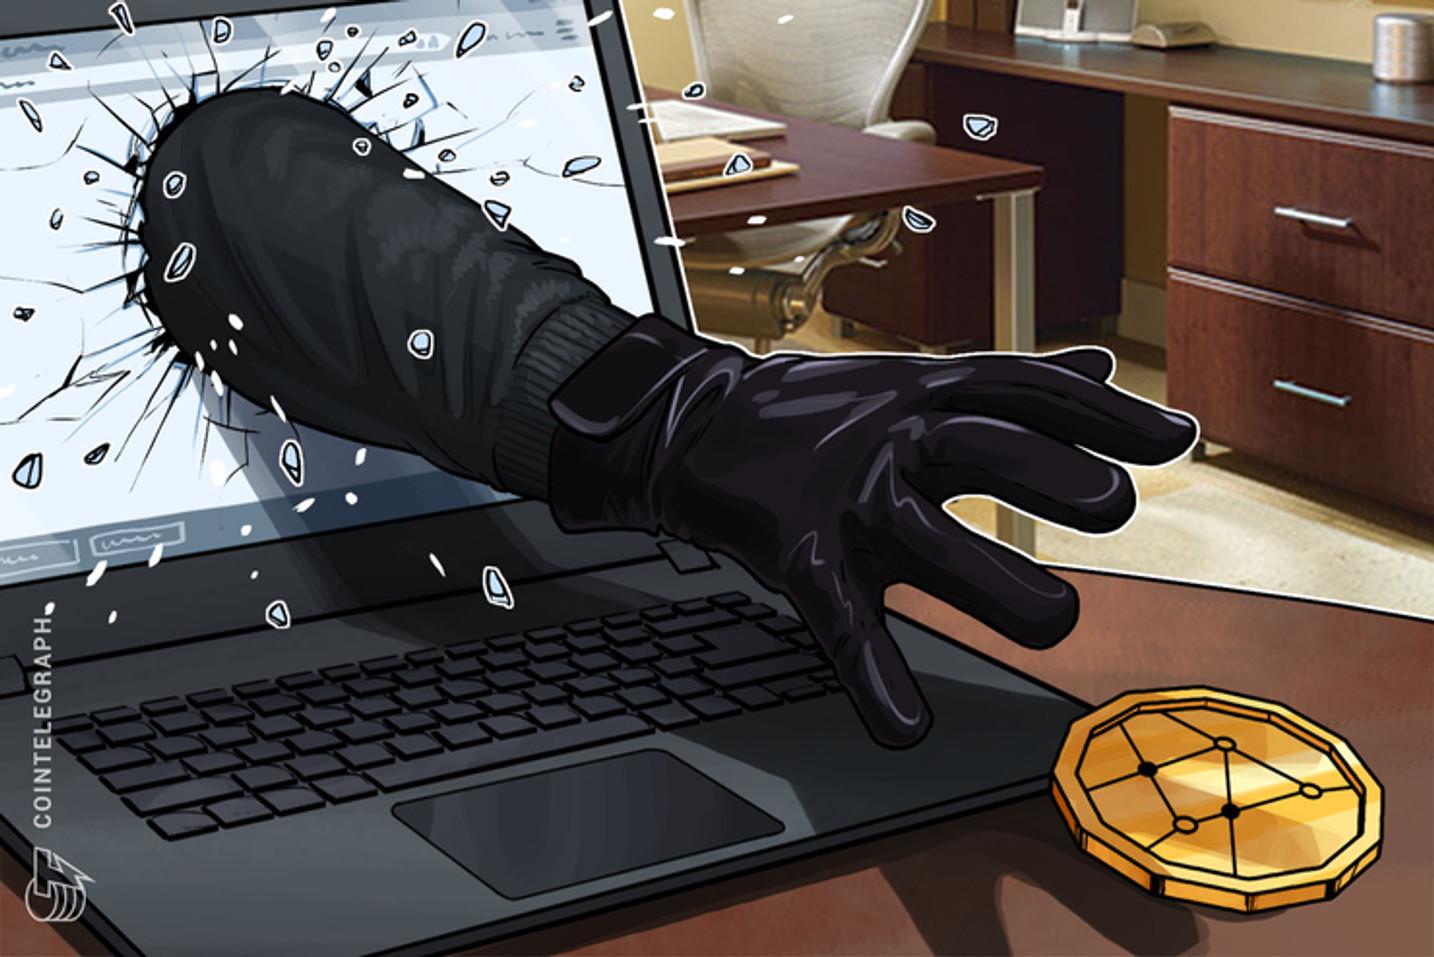 Golpe para roubar BTC teria usado domínio oficial do Mercado Bitcoin; exchange diz que não foi atacada